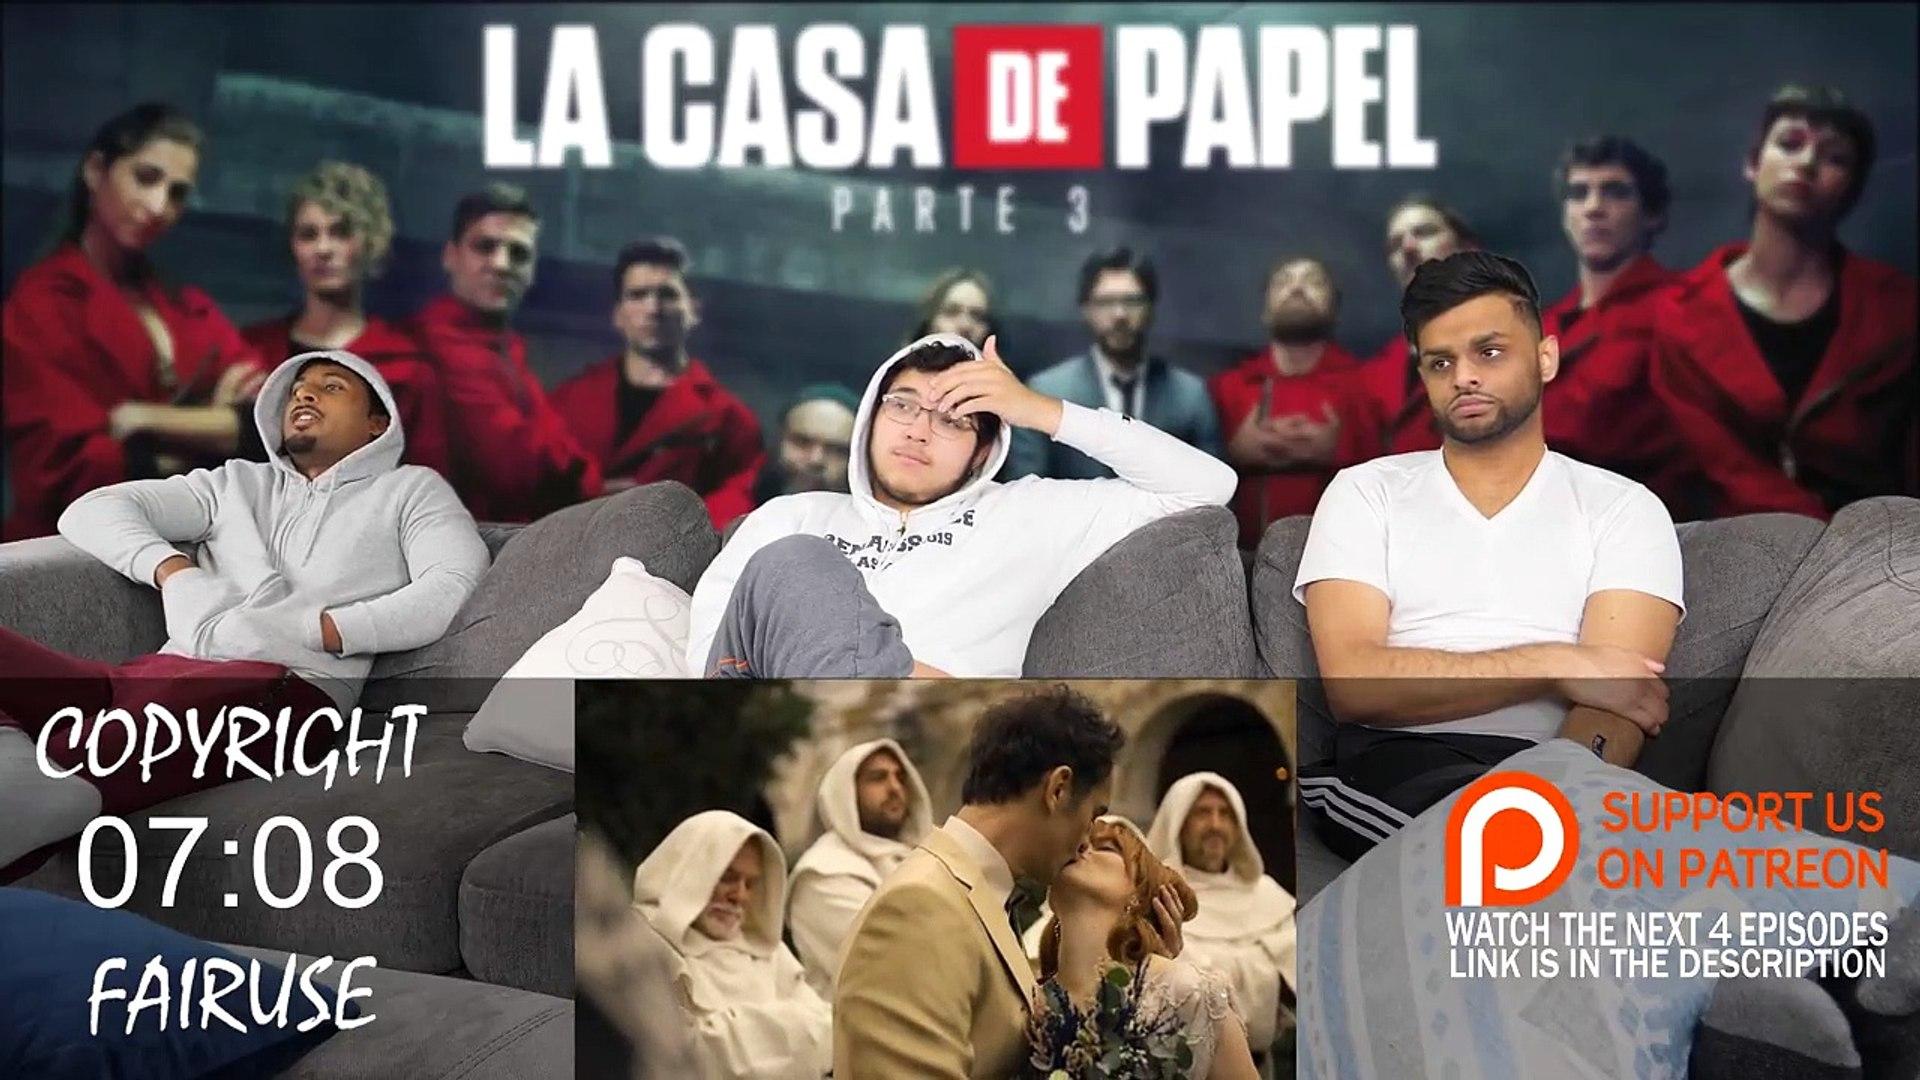 La Casa De Papel (Money Heist) - 4x1 -Game over- REACTION + REVIEW!